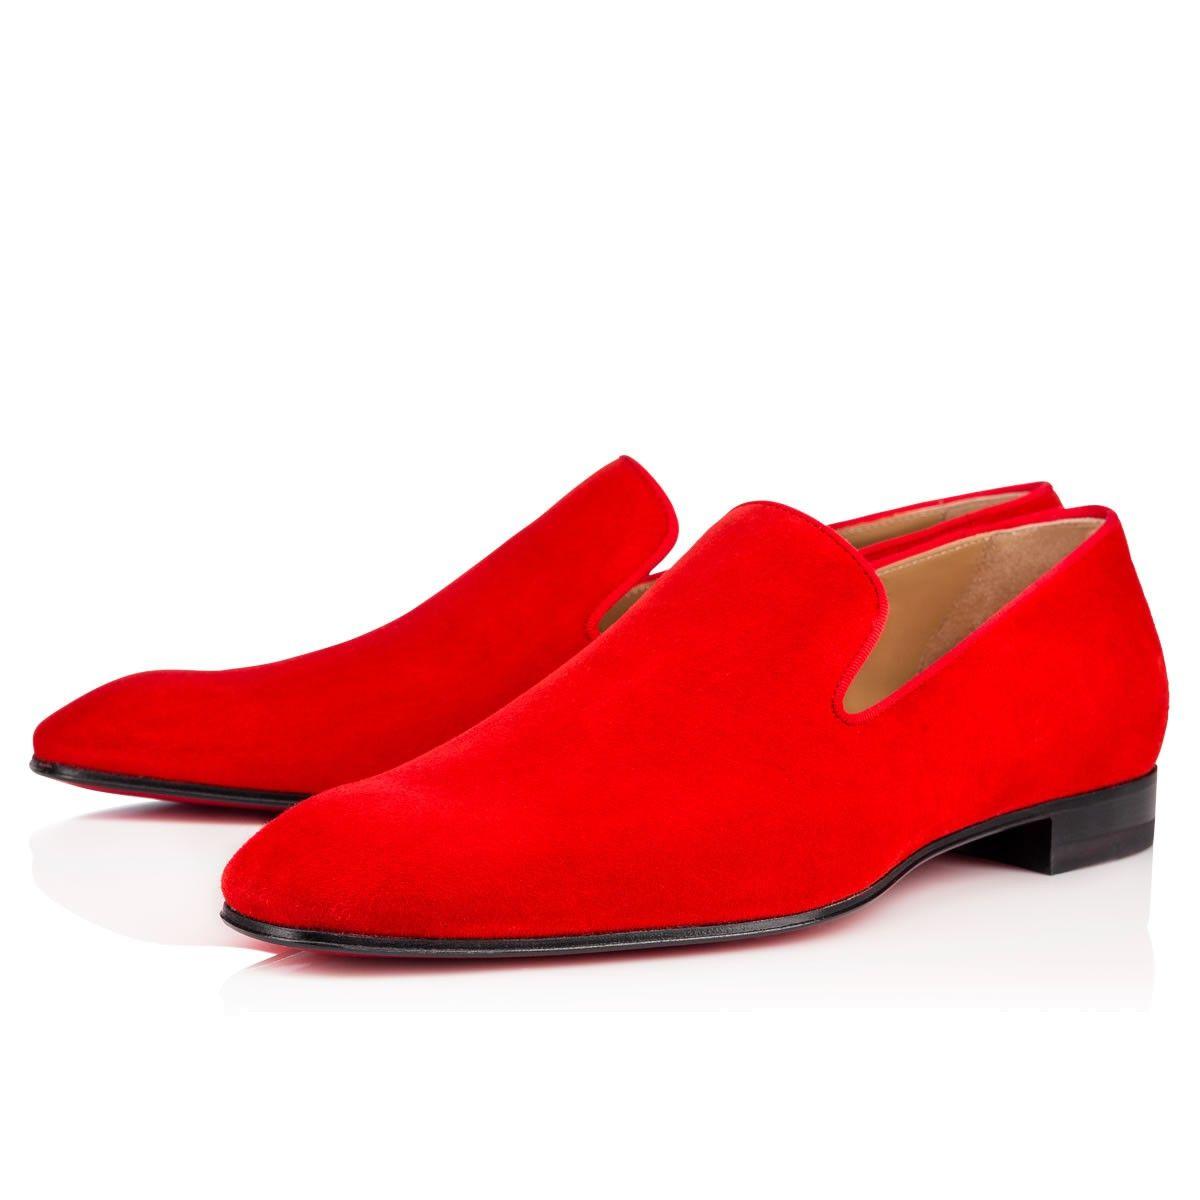 4c7ba5066d2 CHRISTIAN LOUBOUTIN Dandelion Spikes Flat Pavot Suede.  christianlouboutin   shoes